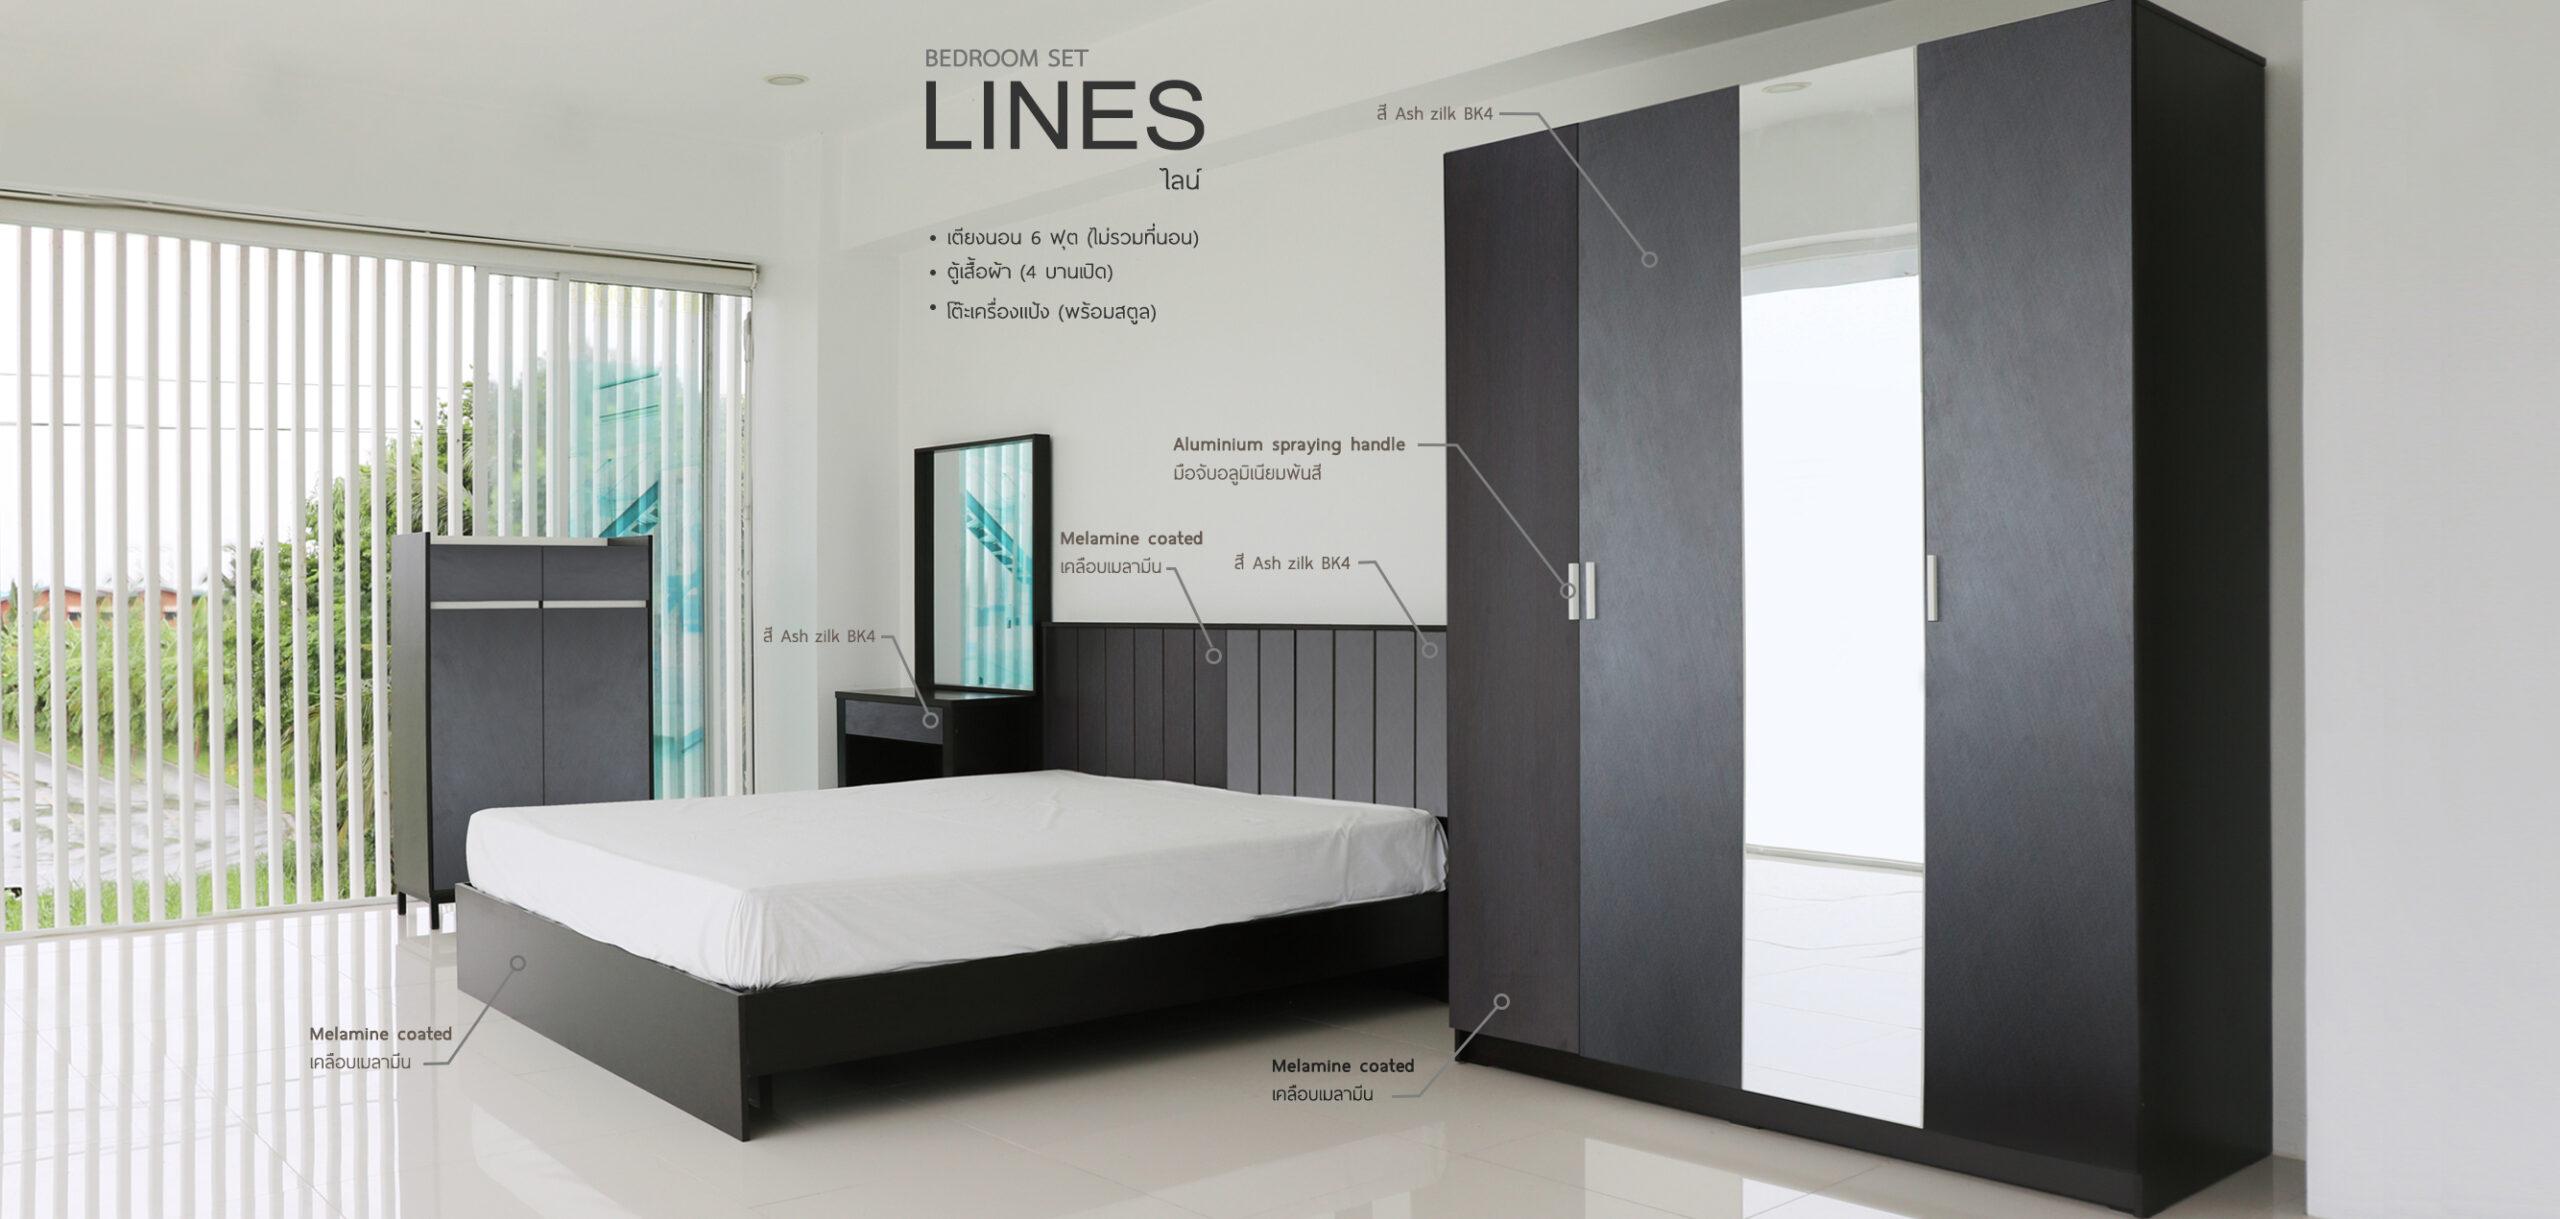 ชุดห้องนอน LINES The Room Furniture